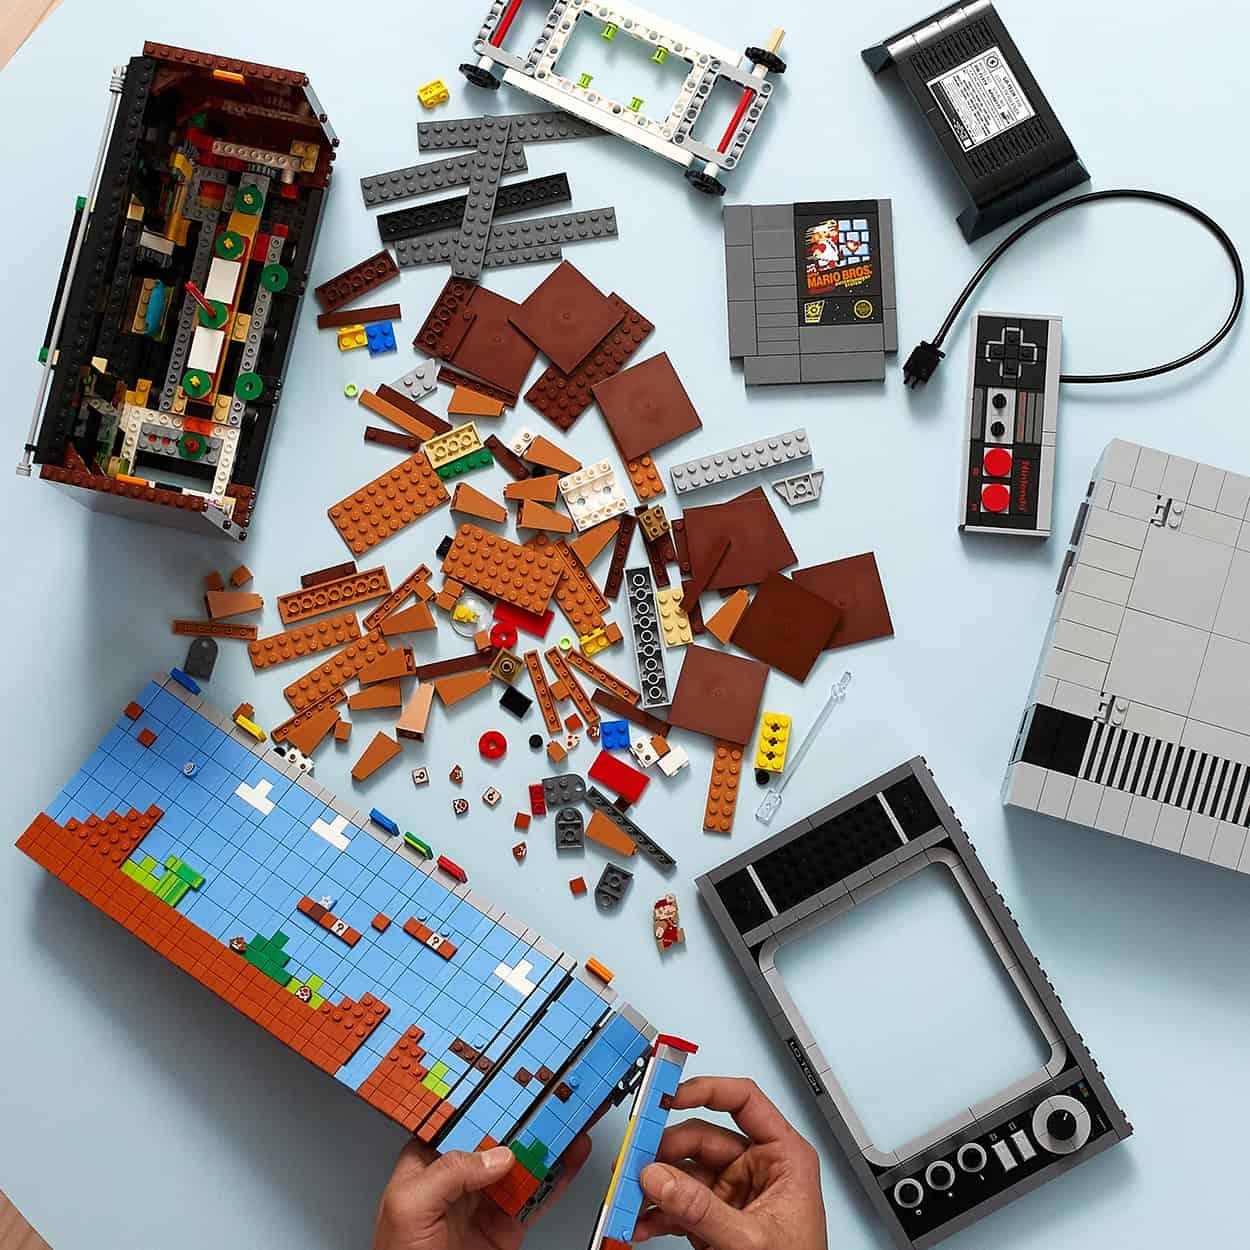 PRESSURE LEGO NES